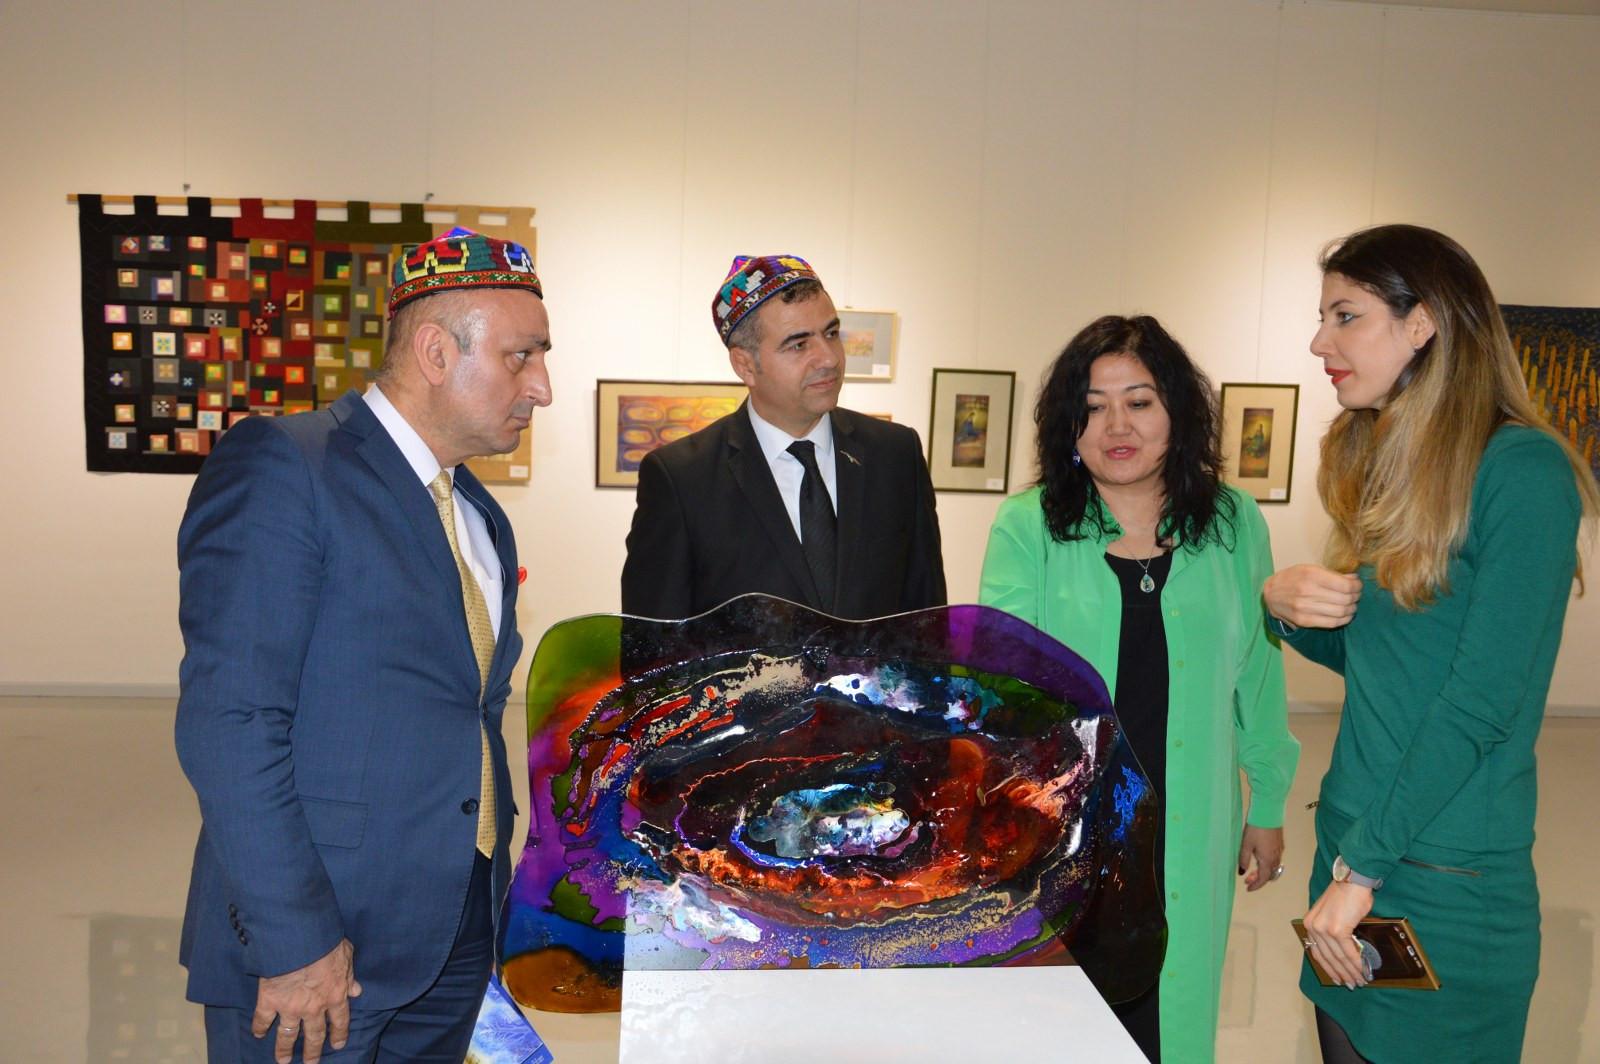 Türk Dünyasından Kadın Sanatçılar İstanbul'da Buluştu Galeri - 11. Resim